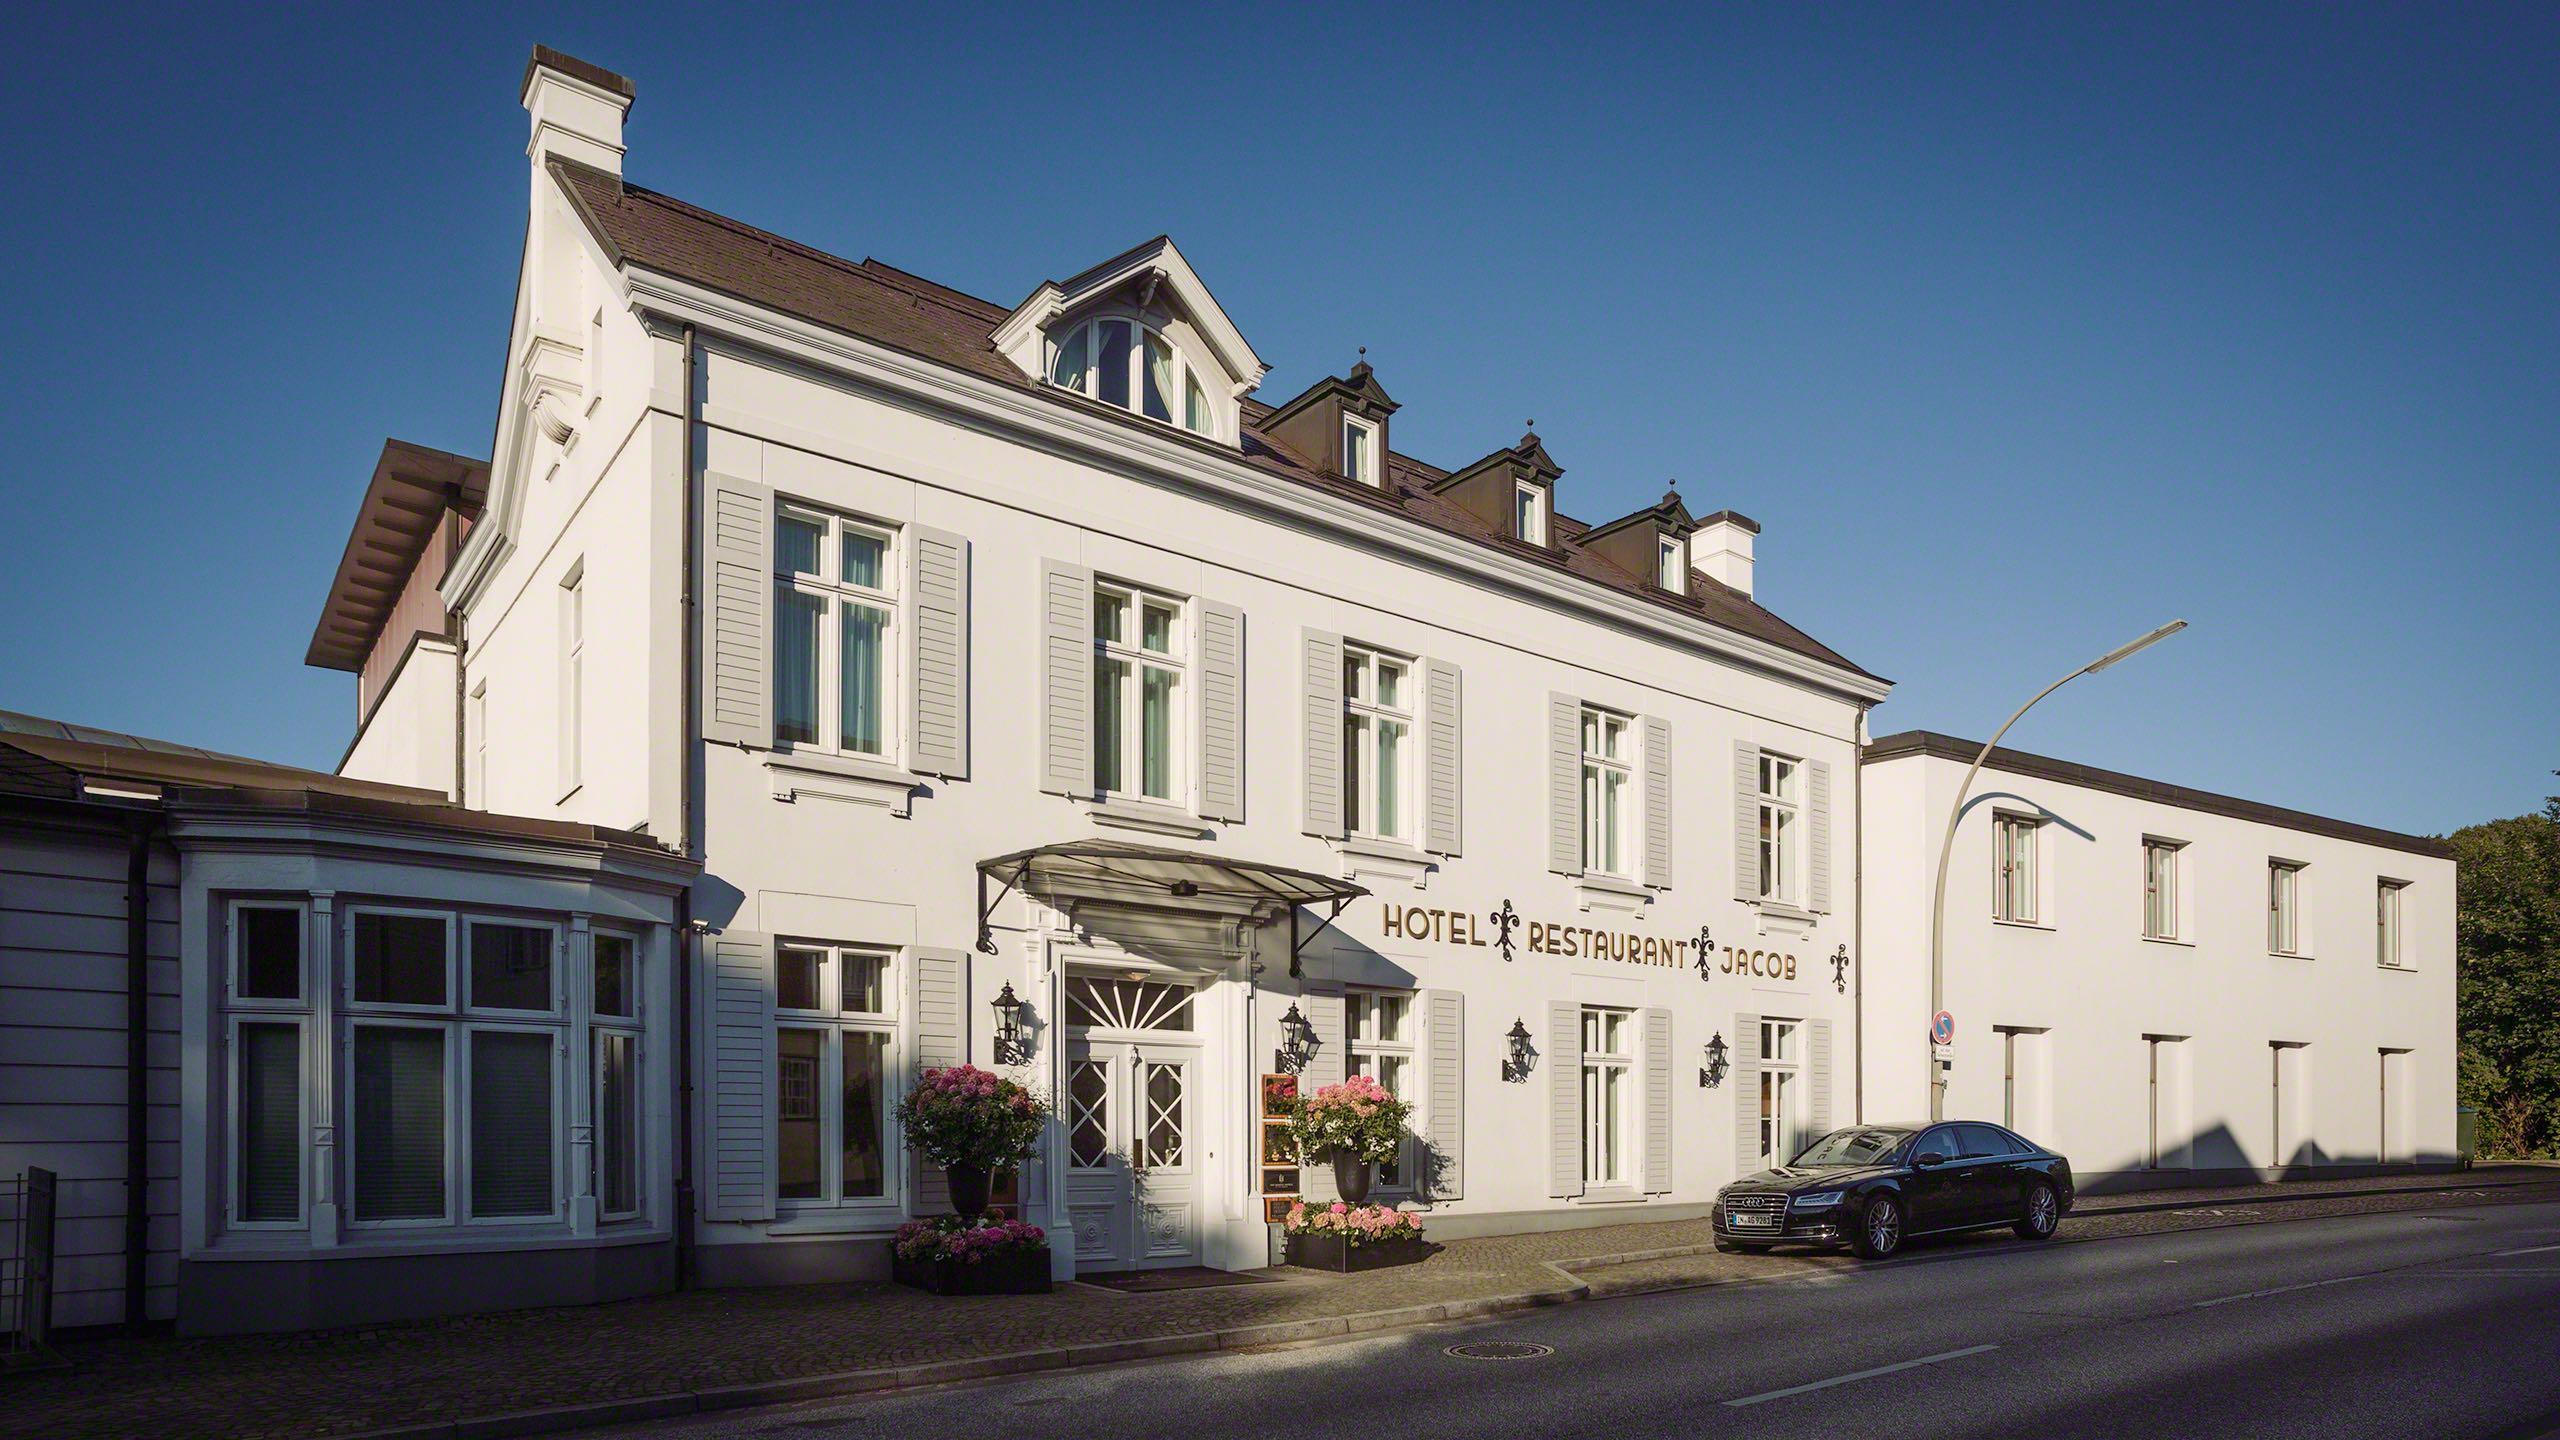 Ein hanseatisches Kaufmannshaus mit weißer Fassade an der Elbchaussee Hamburg ist das Fünf-Sterne-Hotel Louis C. Jacob. Die beste und luxuriöseste Adresse in Hamburg. Hotel Aussenfassade strahlt im Sonnenlicht